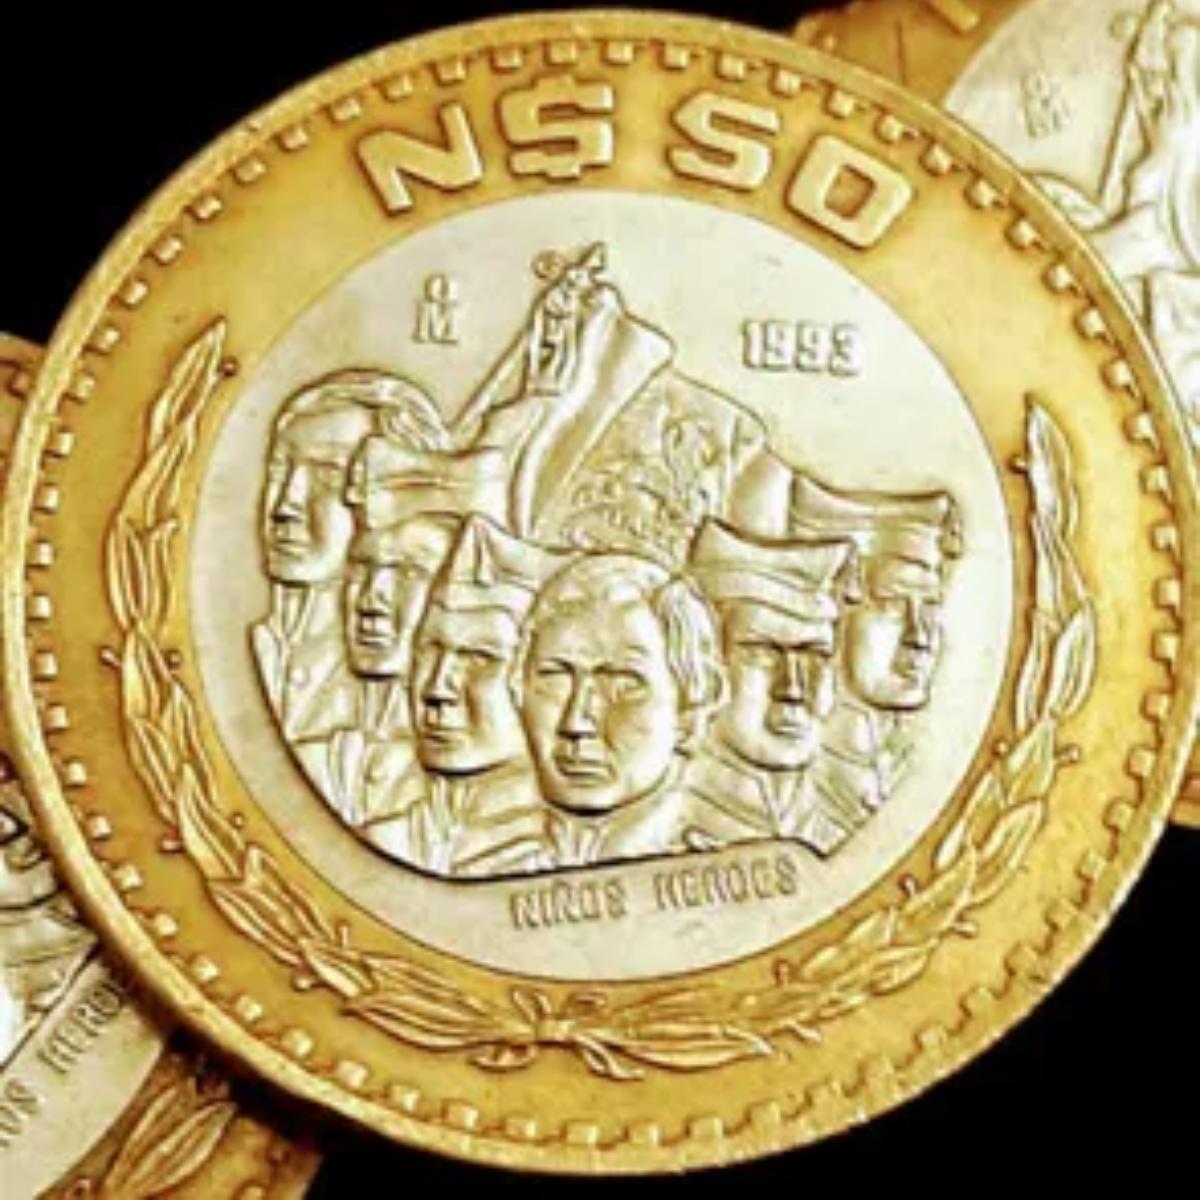 Moneda de 50 pesos saldrá de circulación y podría valer miles en internet